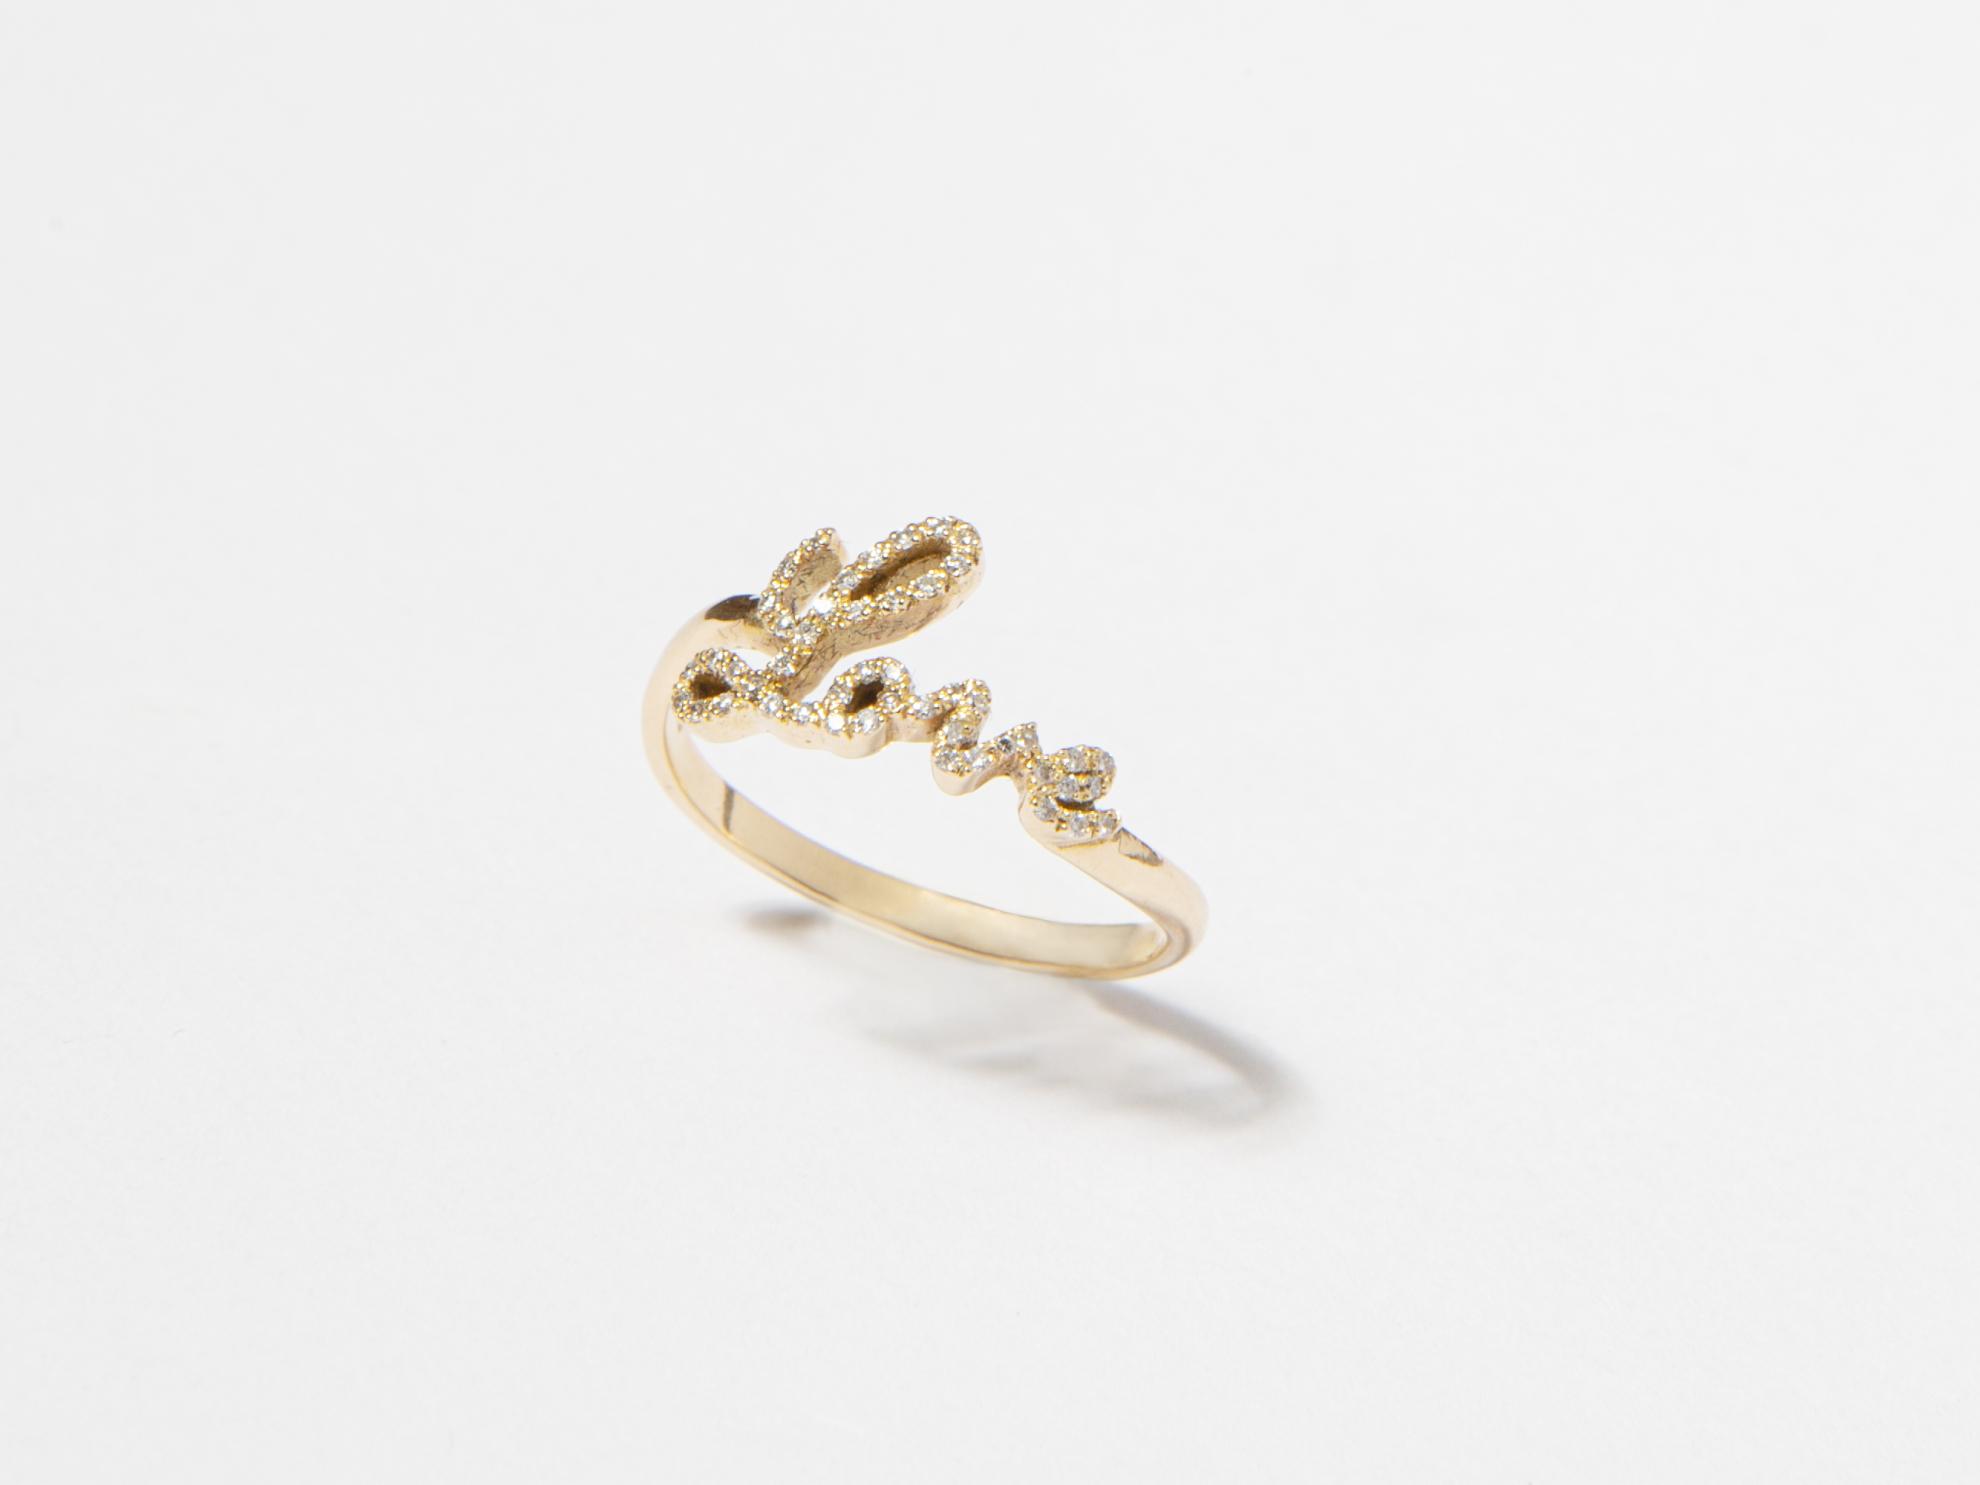 Orecchini pendenti in oro bianco con Labradolite Flat e Brillanti - Ivy Gioielli Prato